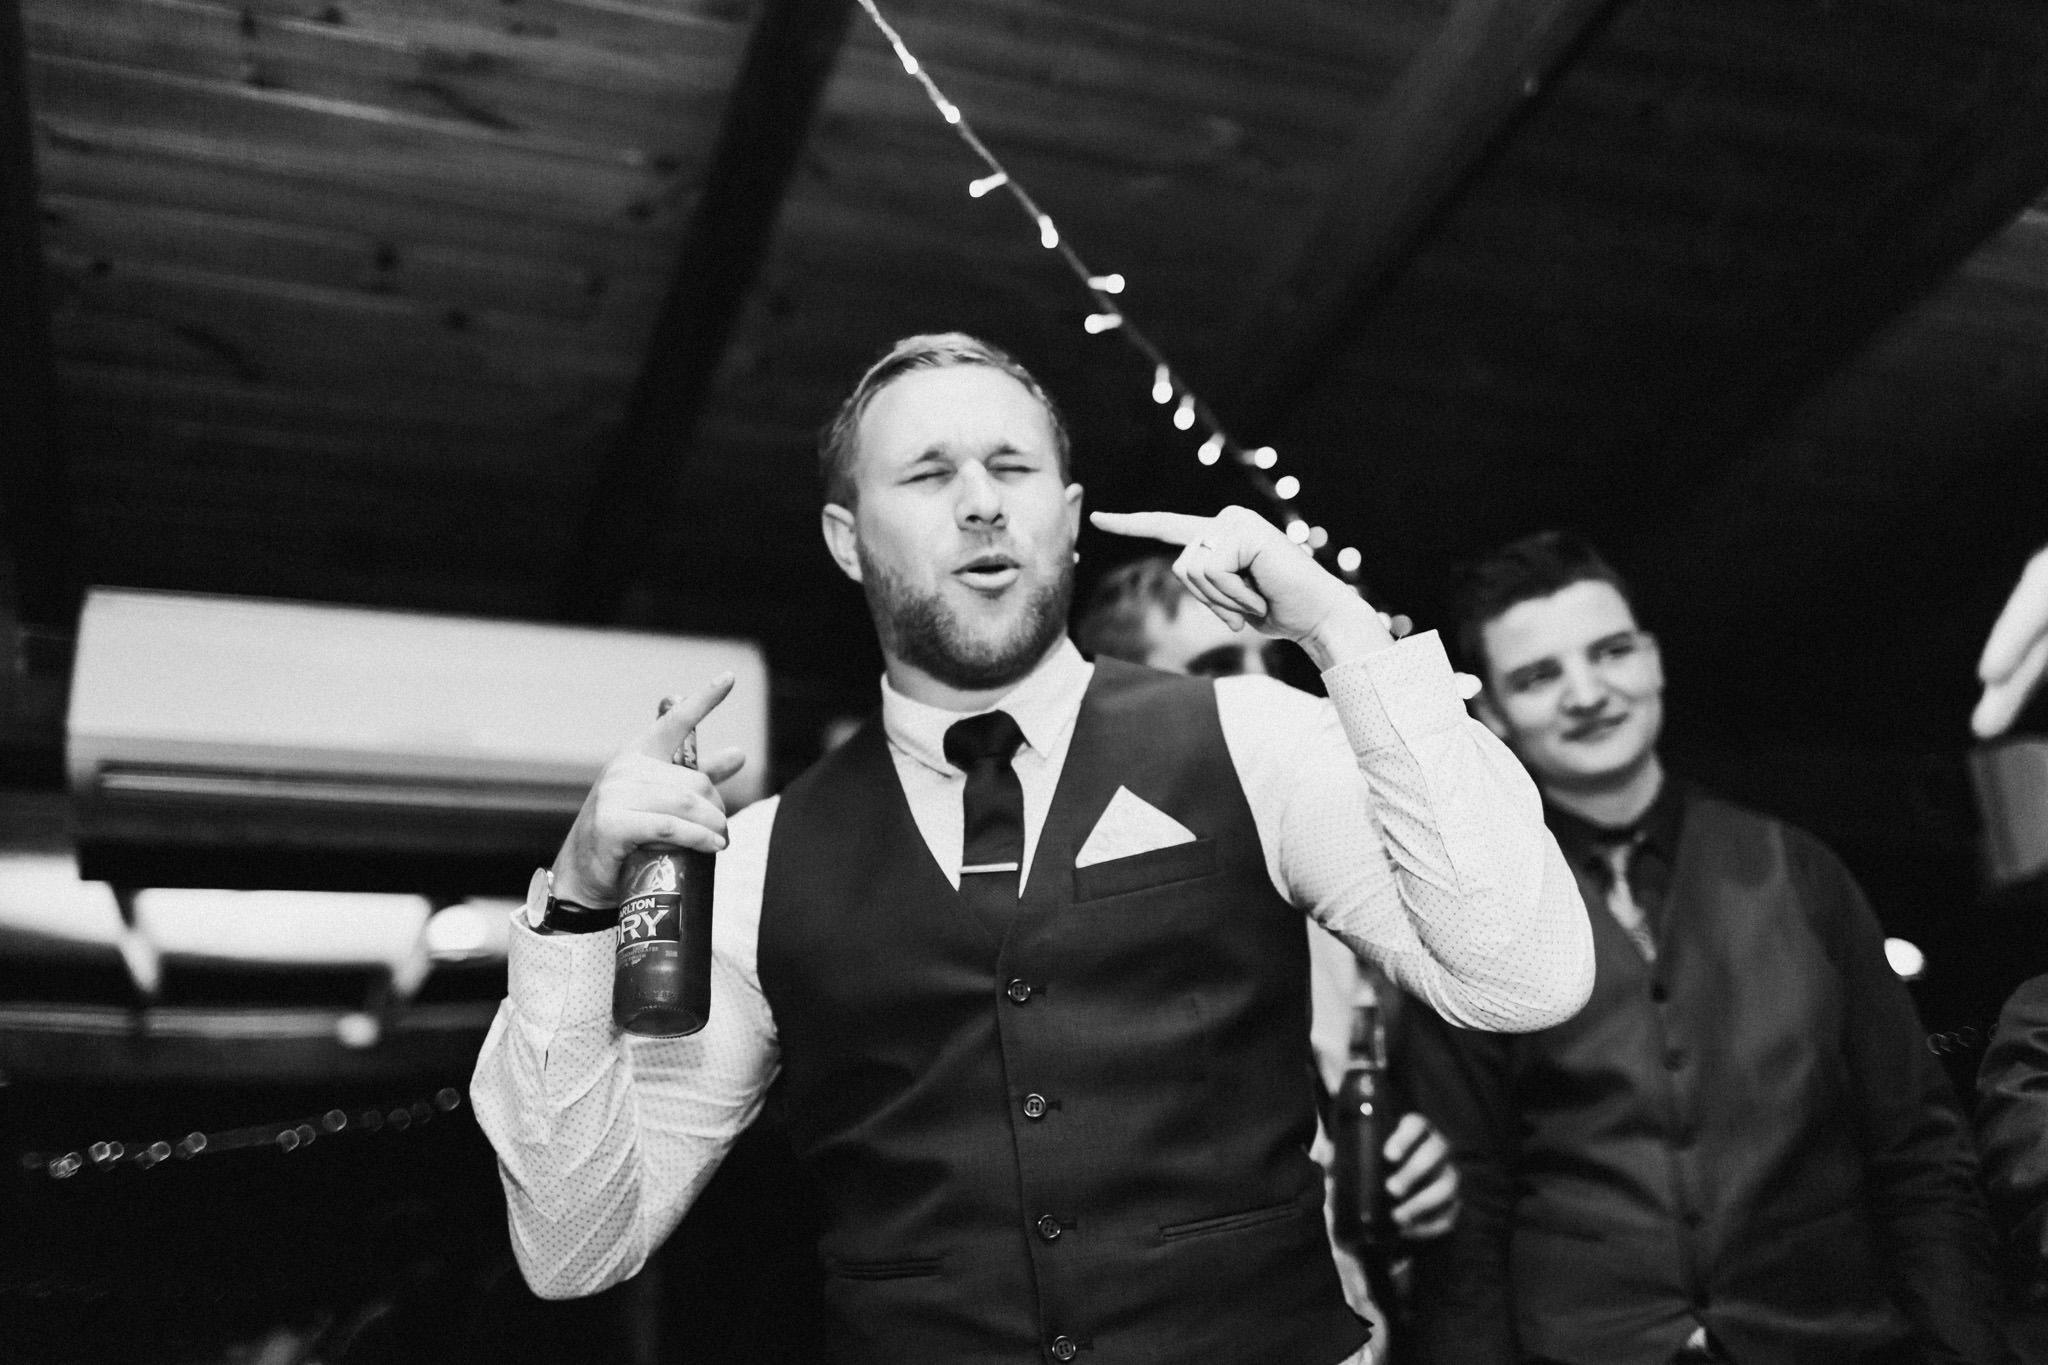 WeddingPhotos_Facebook_2048pixels-1173.jpg